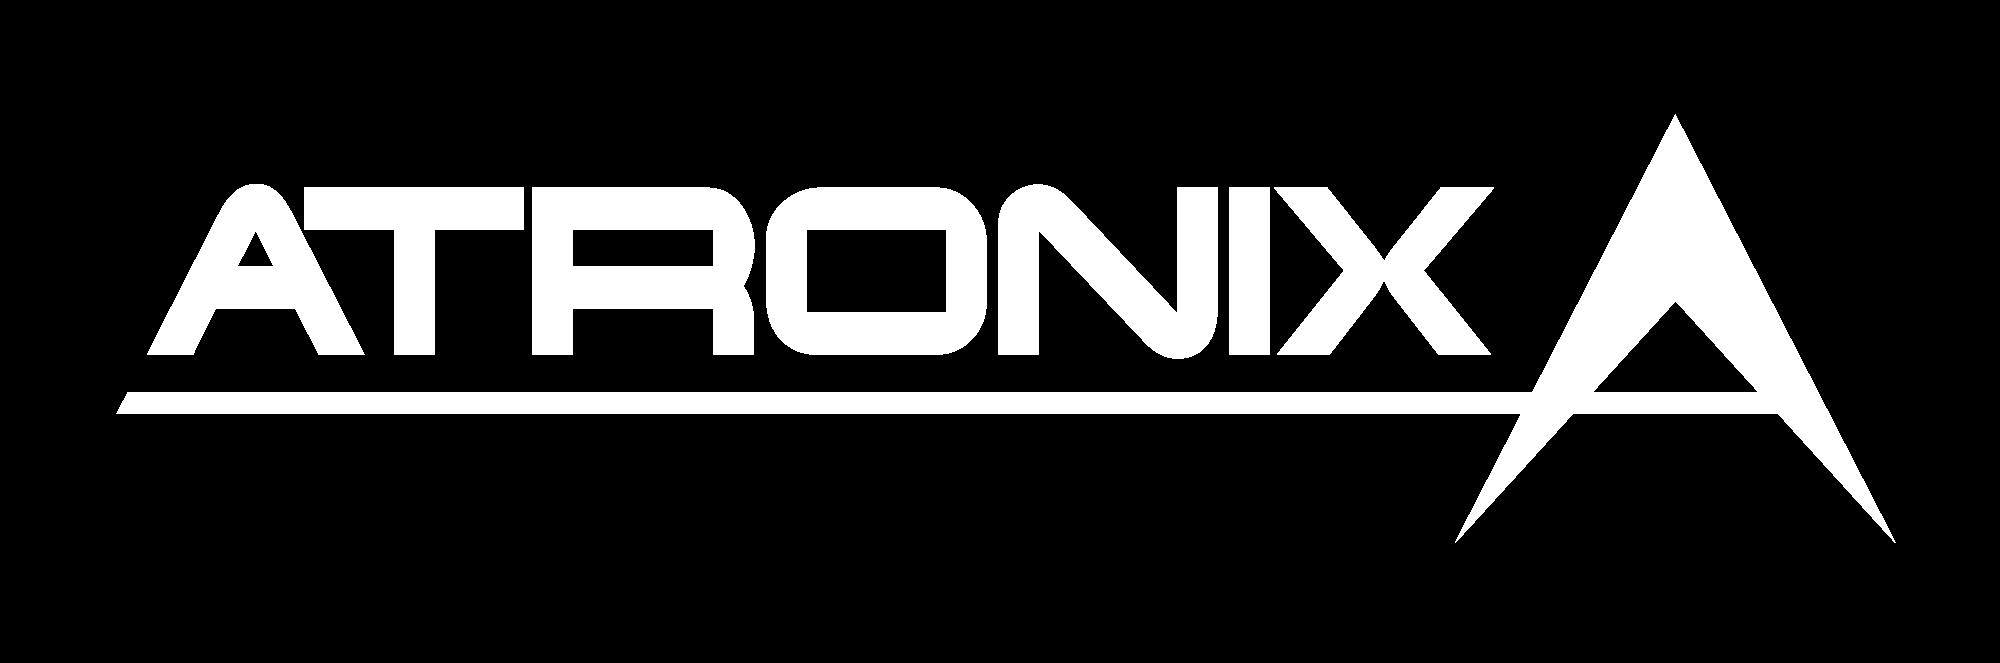 ATRONIX_LOGO_KO.png